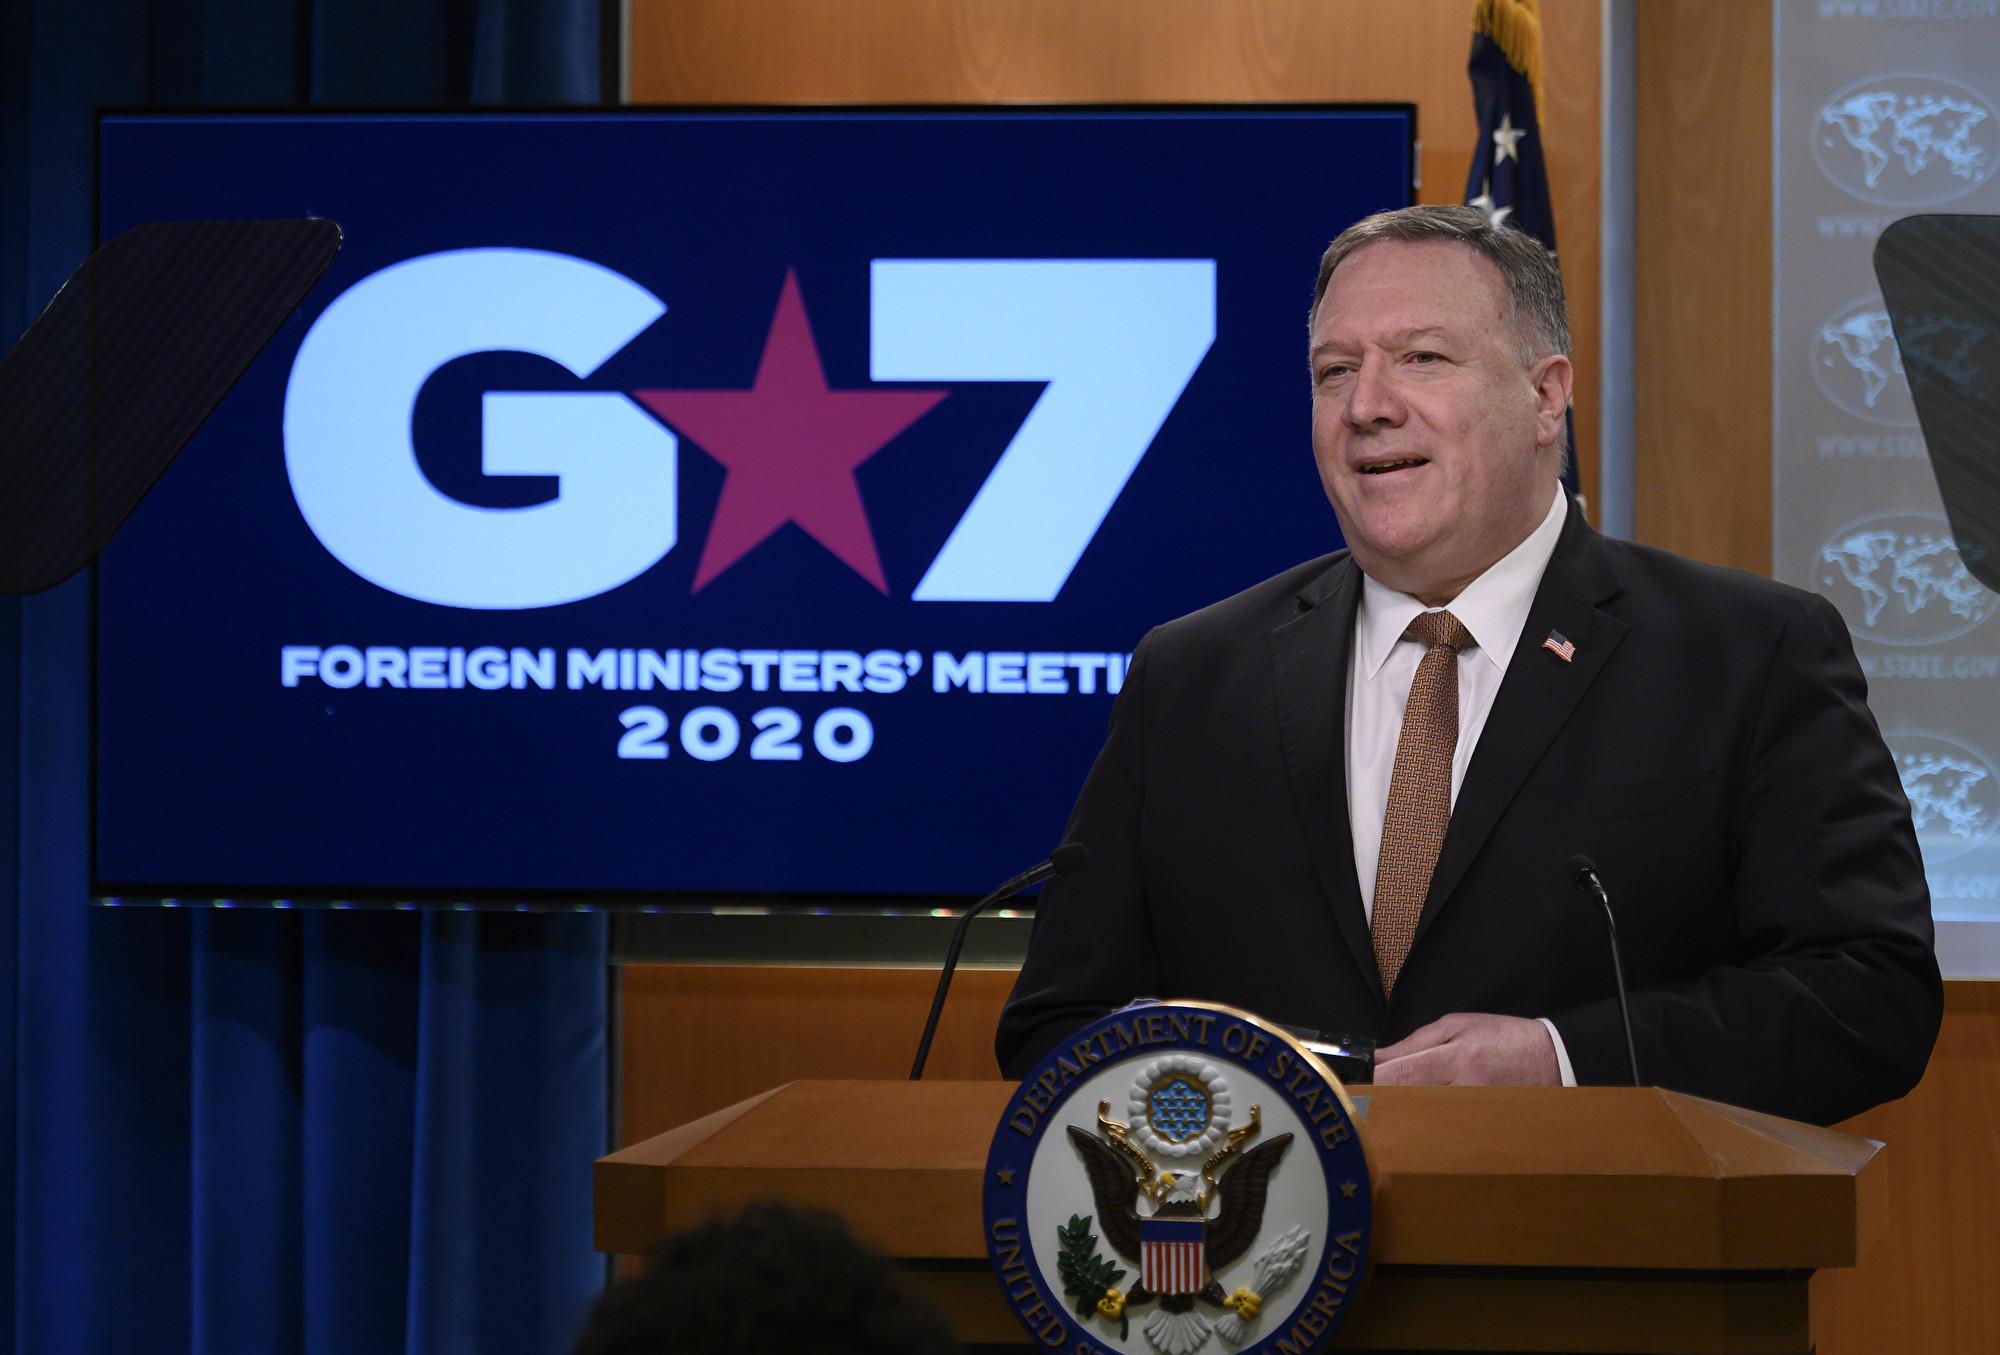 蓬佩奧:G7國家都深知中共在虛假宣傳